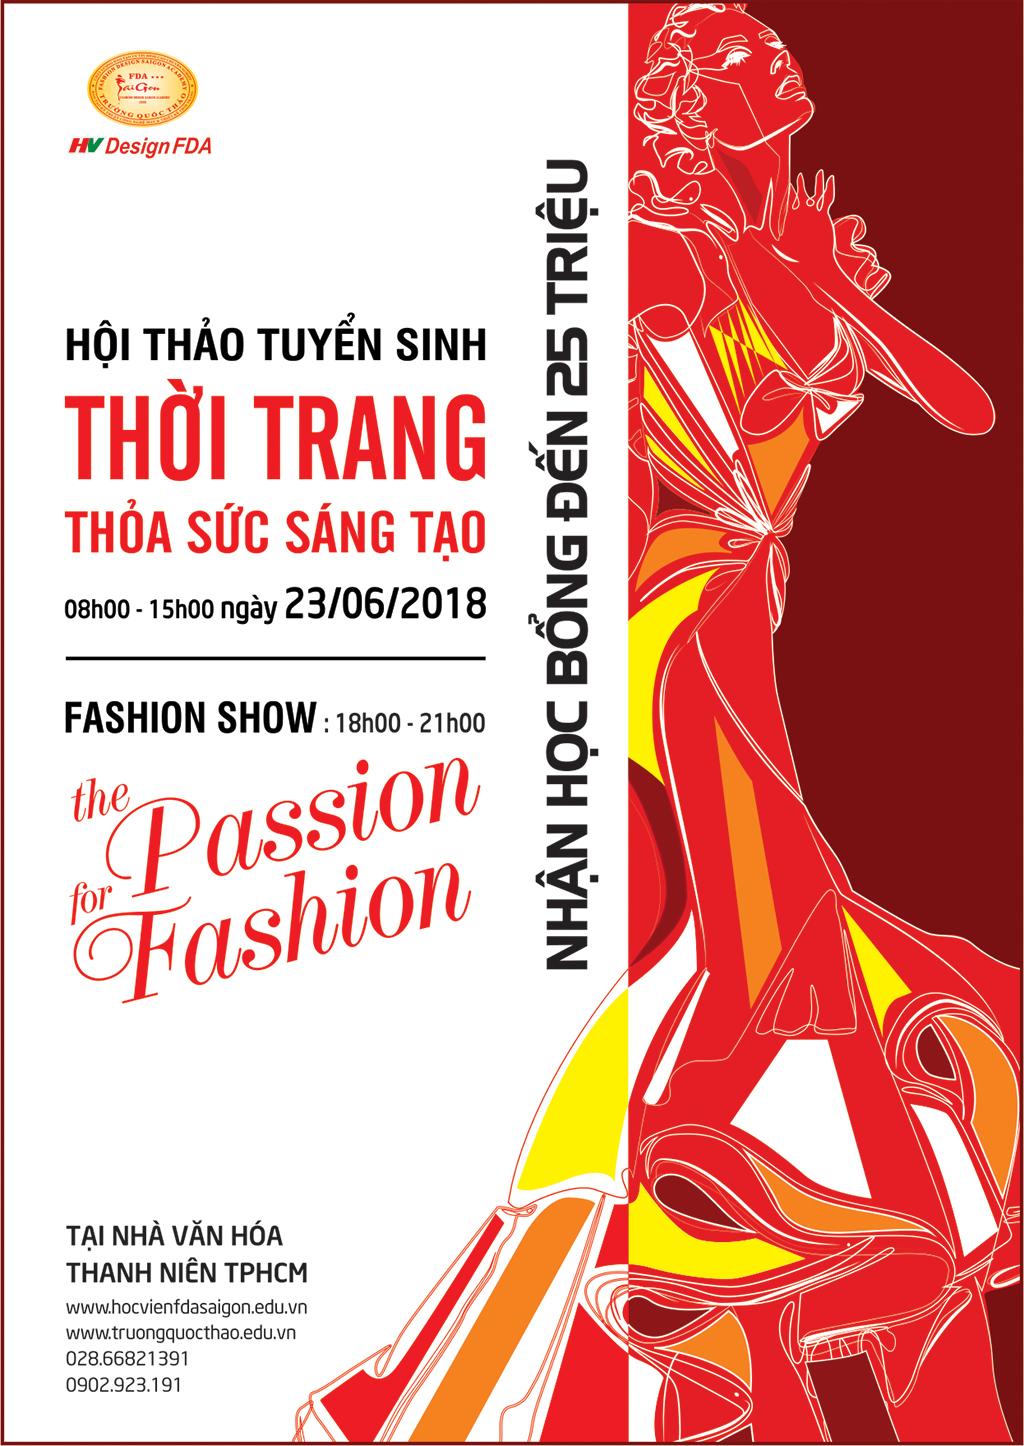 Hội thảo tuyển sinh thời trang thỏa sức sáng tạo